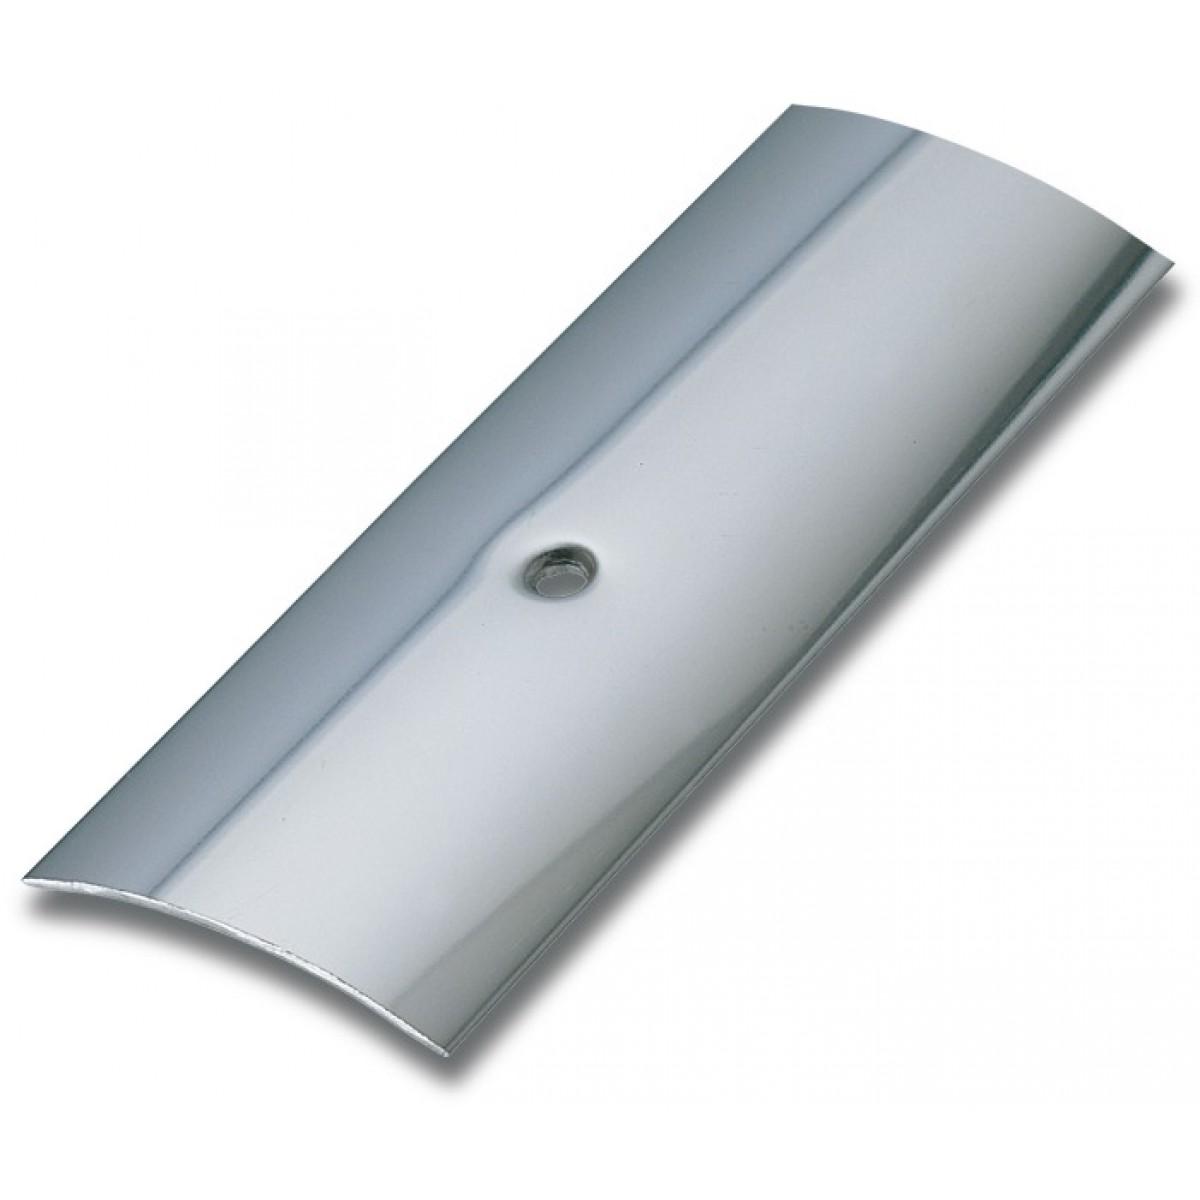 Bande de seuil adhésive inox Dinac - Longueur 166 cm - Largeur 30 mm